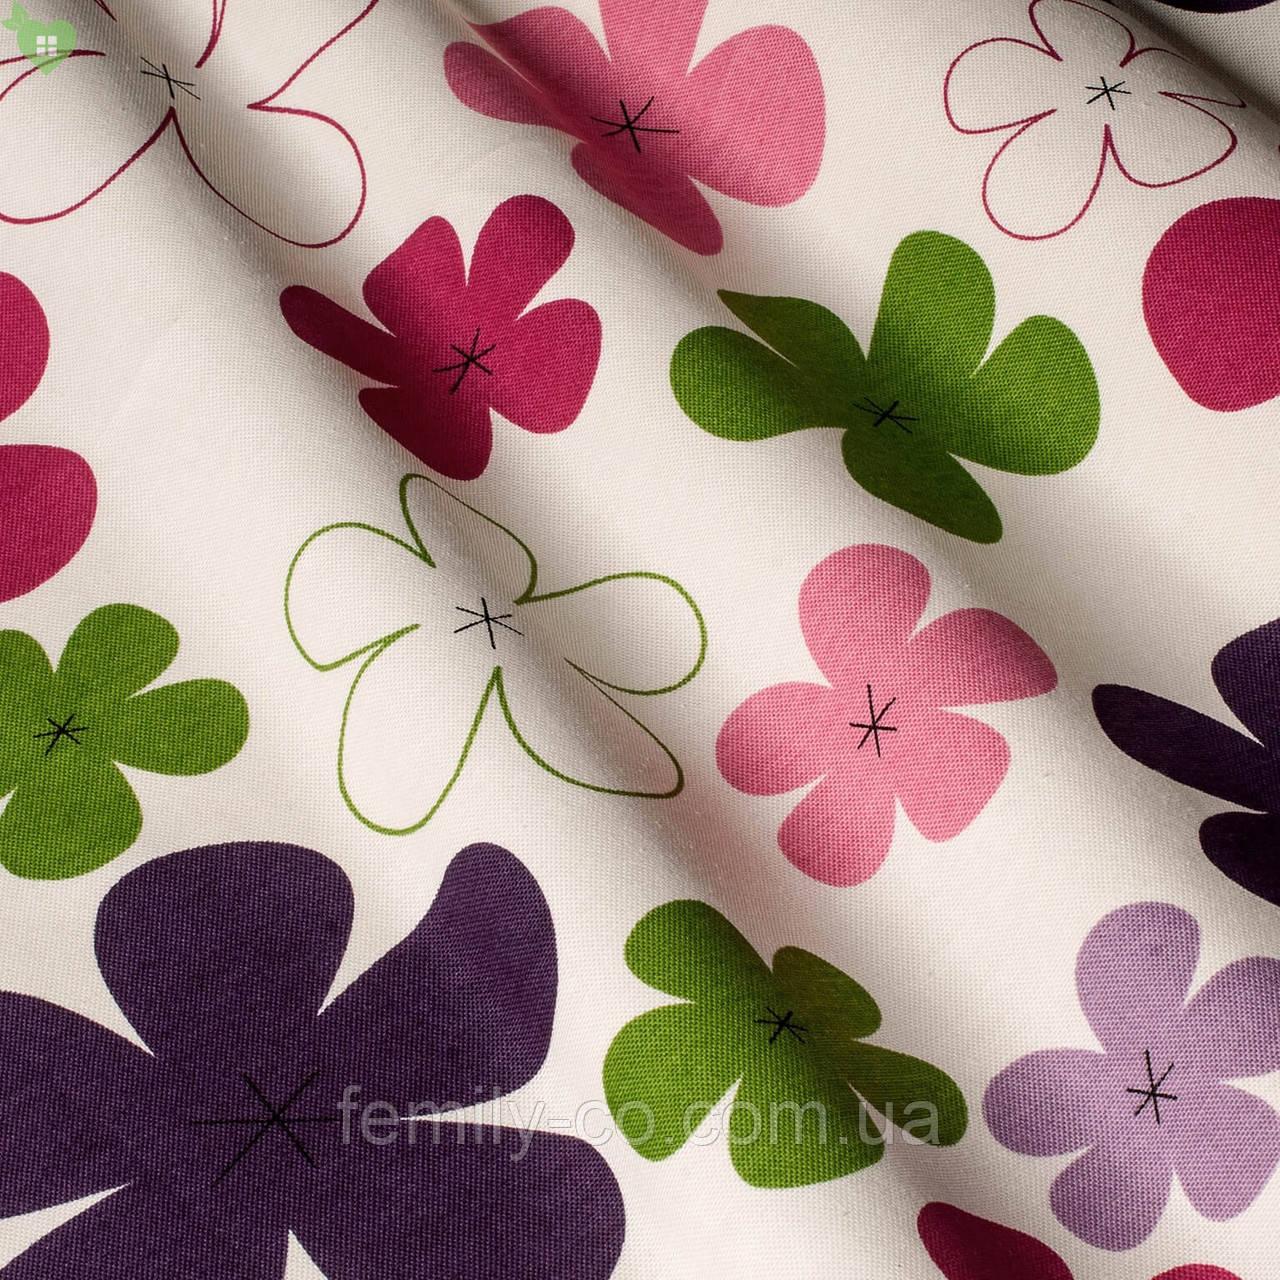 Декоративная ткань детские разноцветные цветы зеленого розового сиреневого и фиолетового цвета